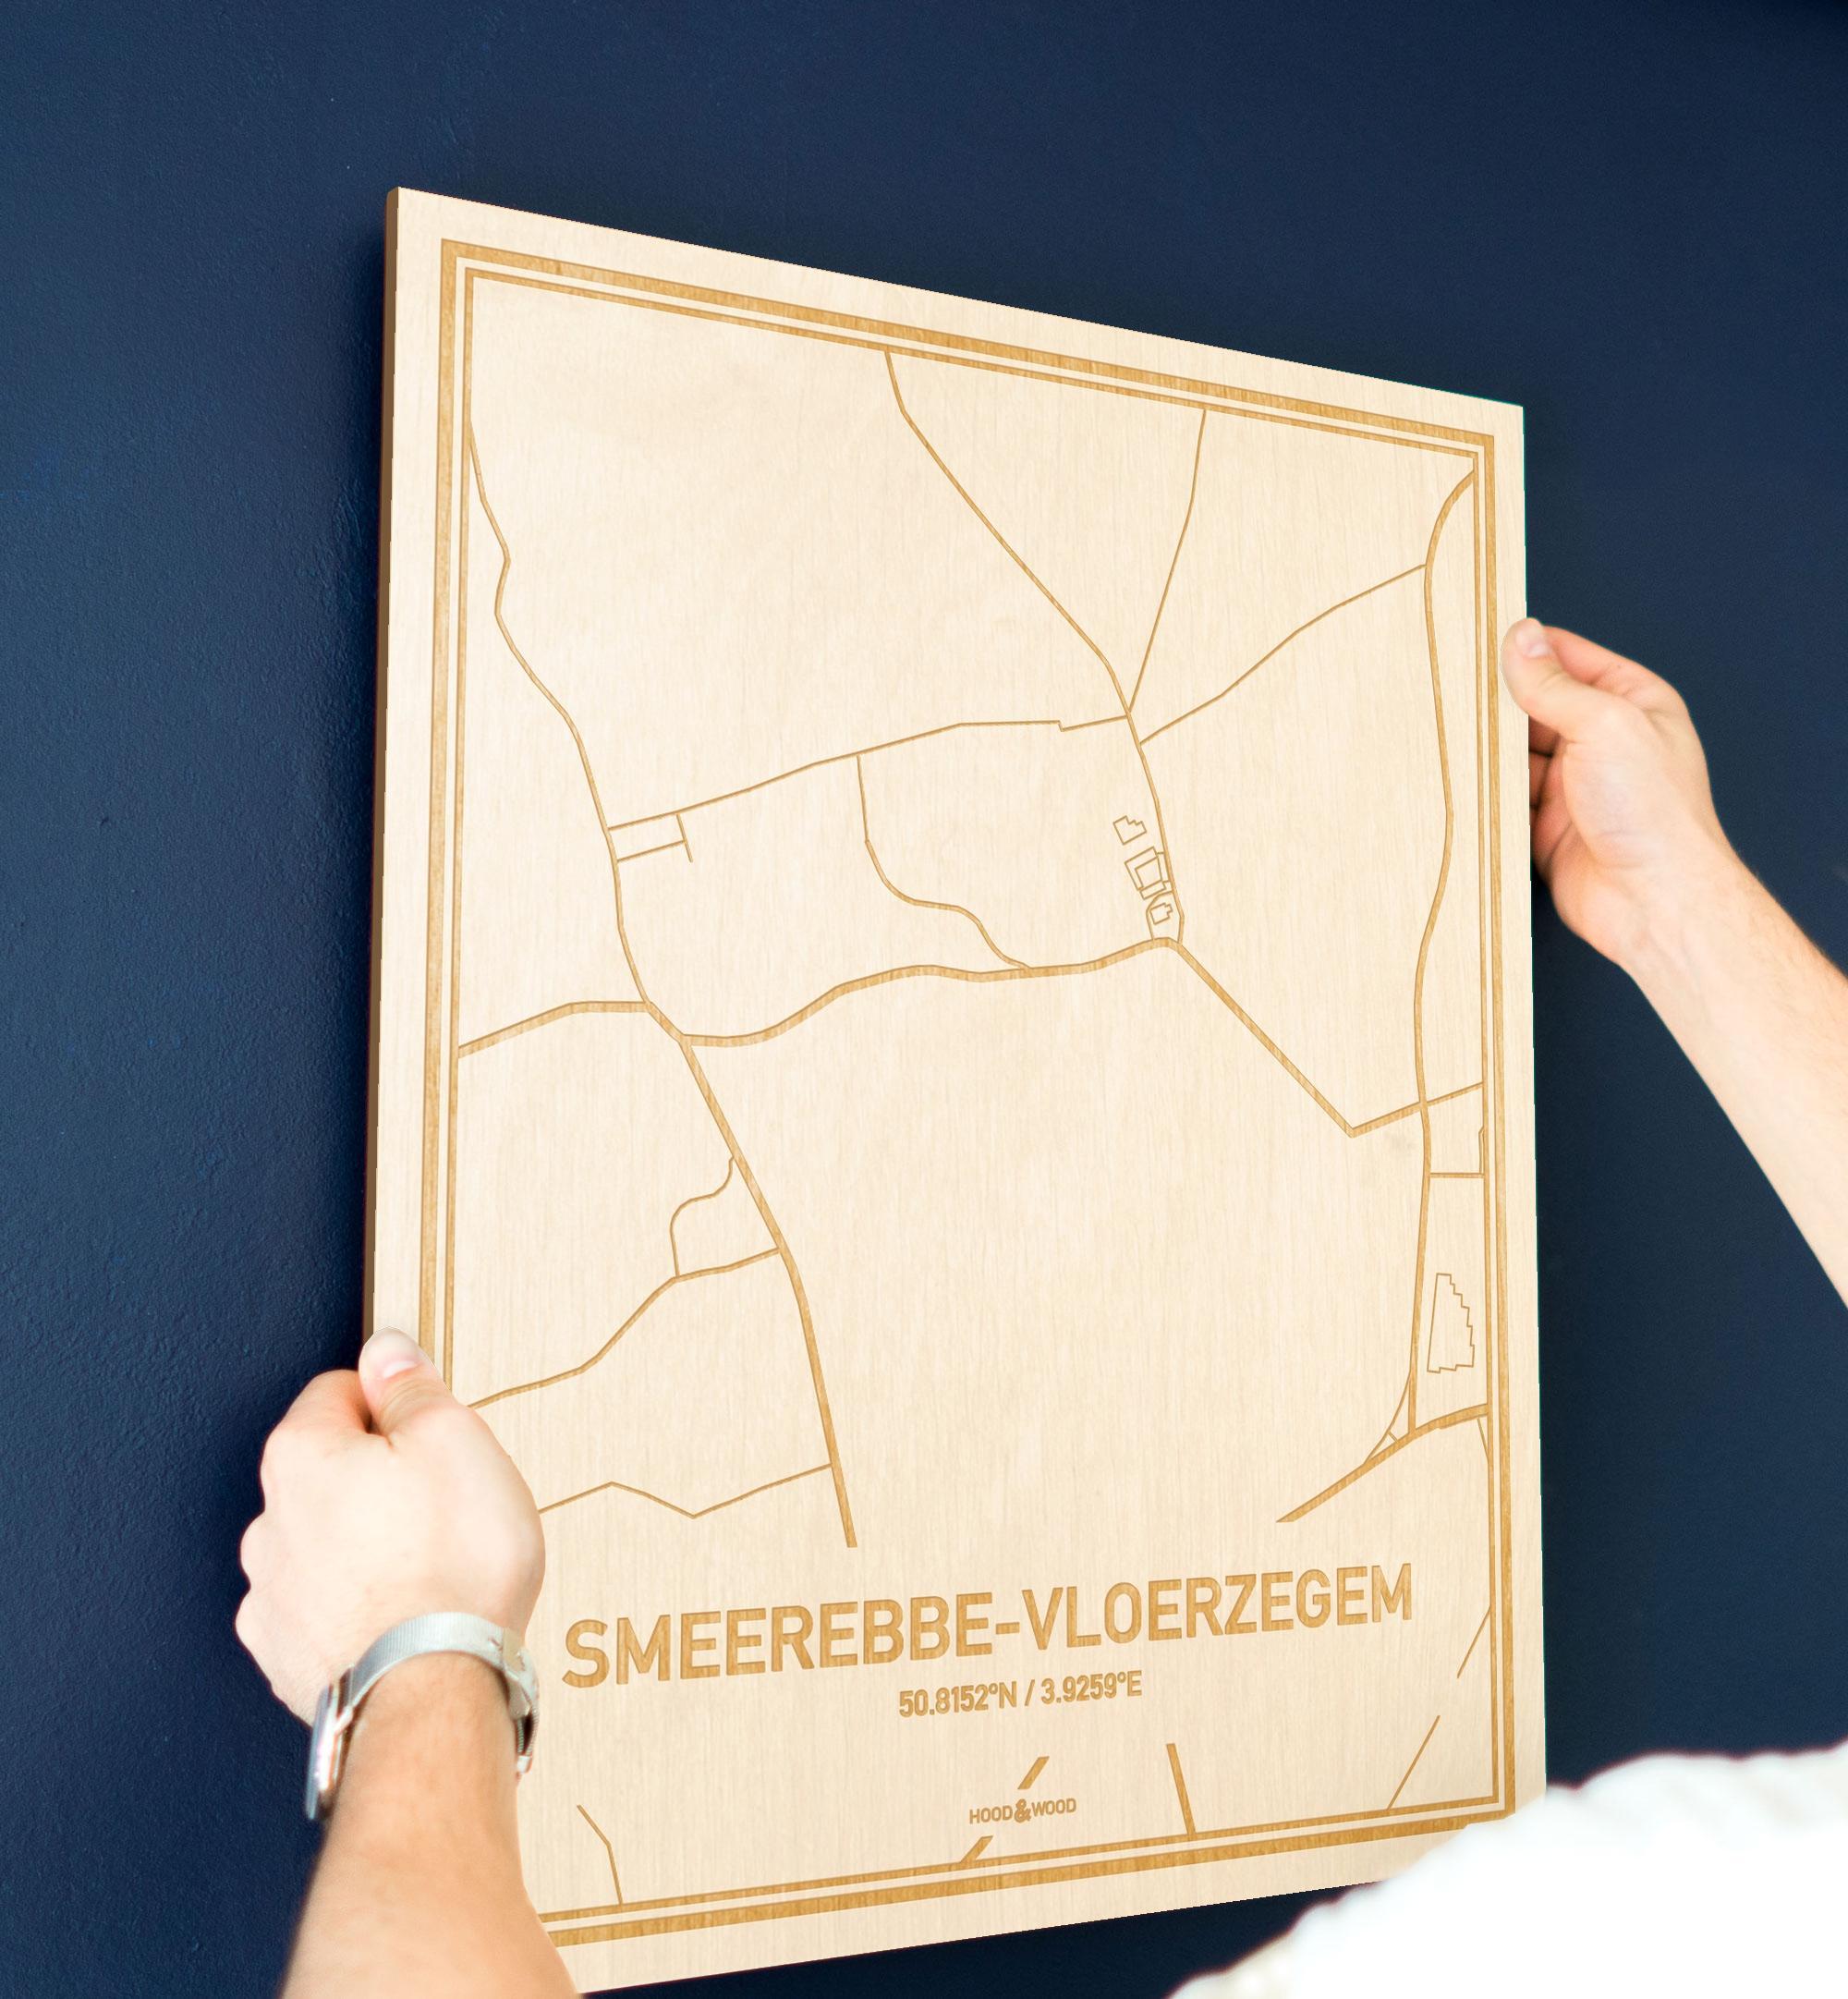 Een man hangt de houten plattegrond Smeerebbe-Vloerzegem aan zijn blauwe muur ter decoratie. Je ziet alleen zijn handen de kaart van deze moderne in Oost-Vlaanderen  vasthouden.